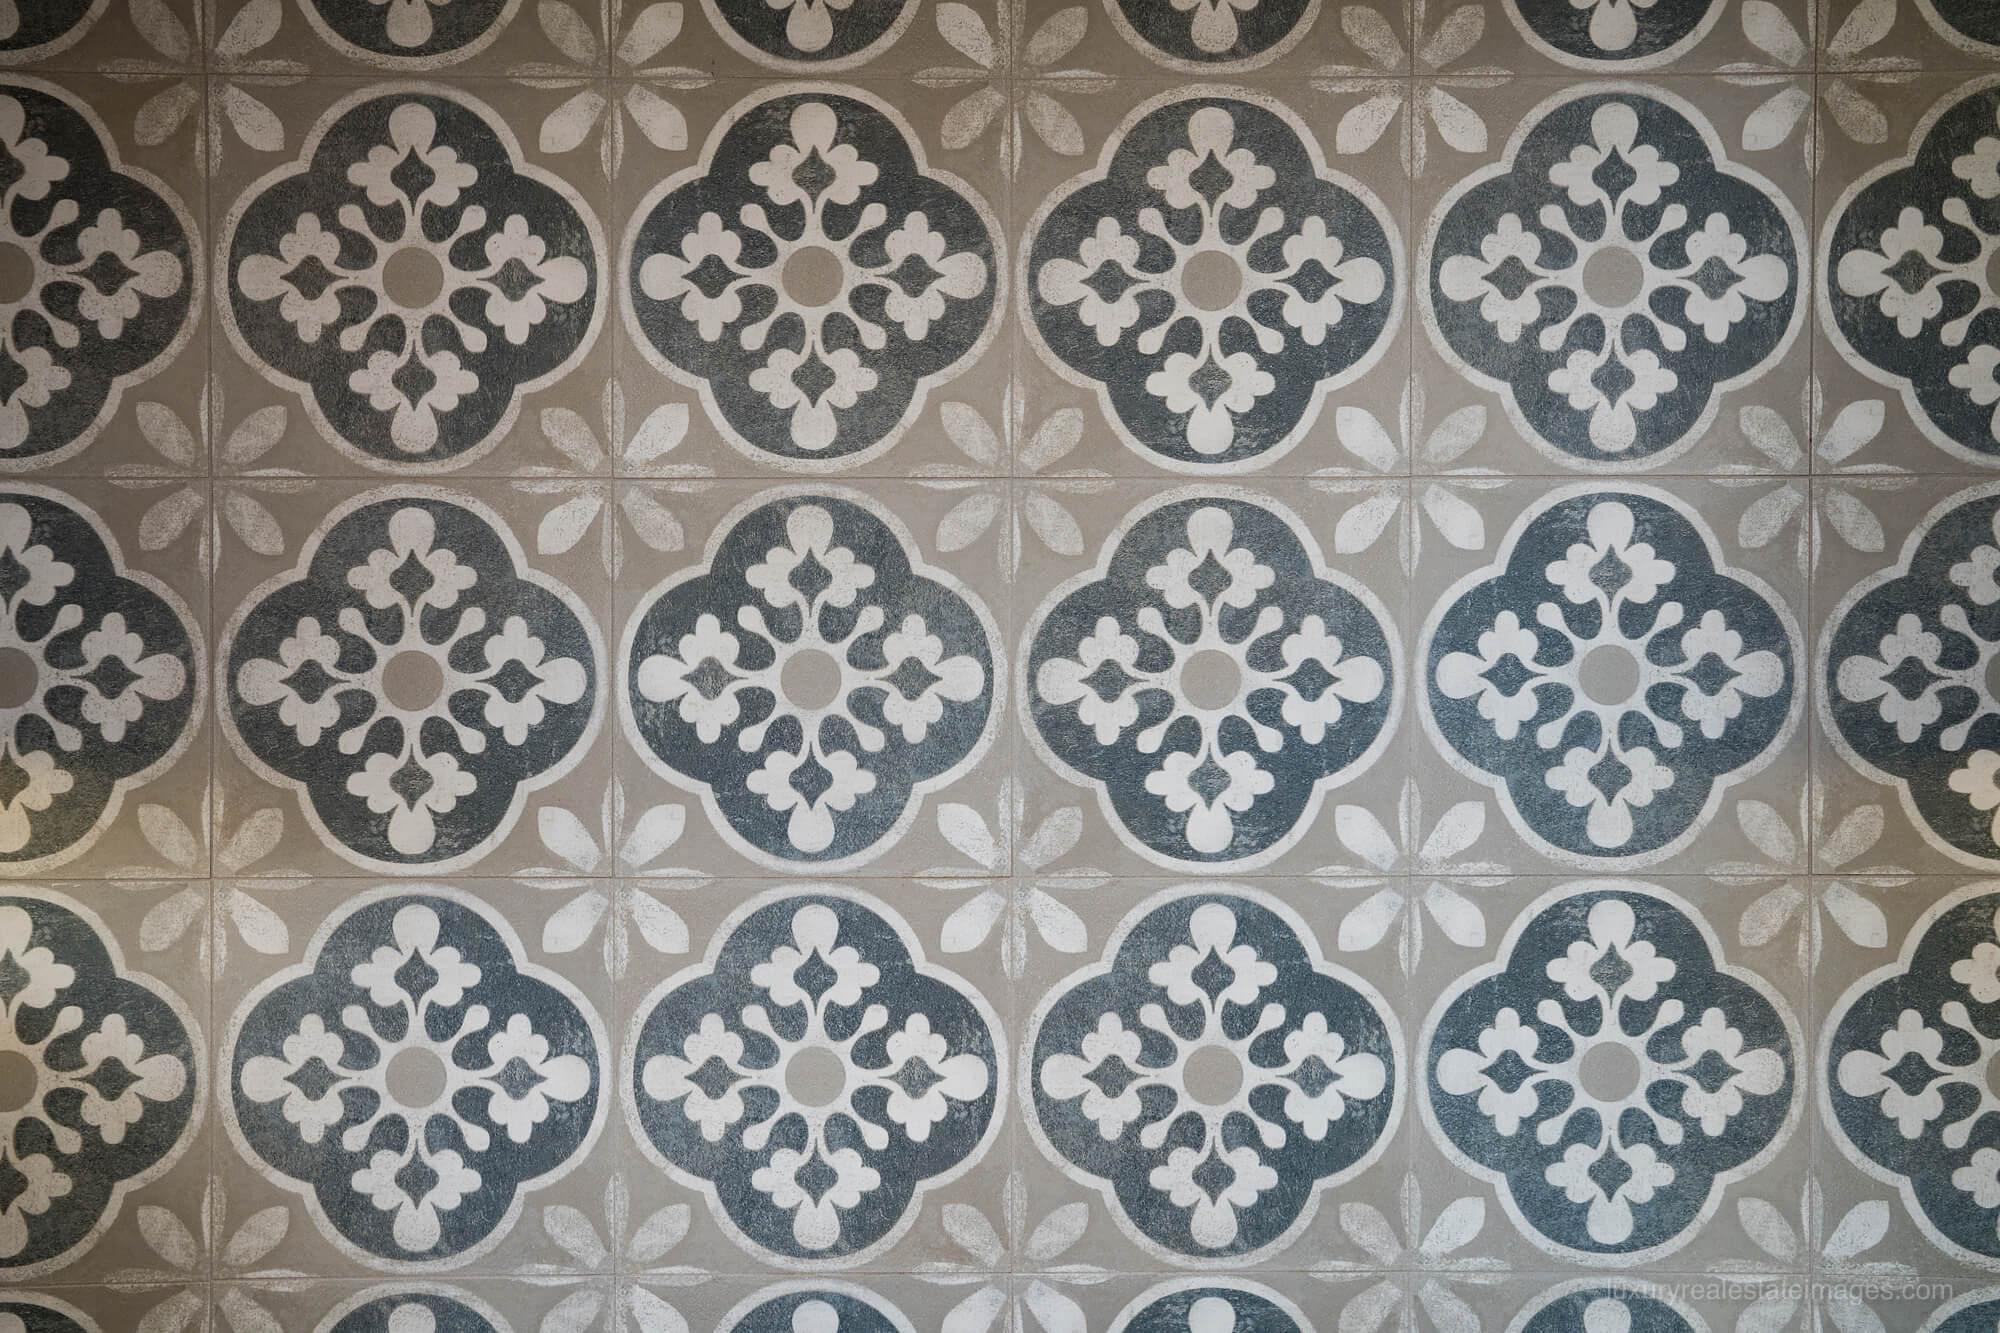 concrete tile patterned backplash